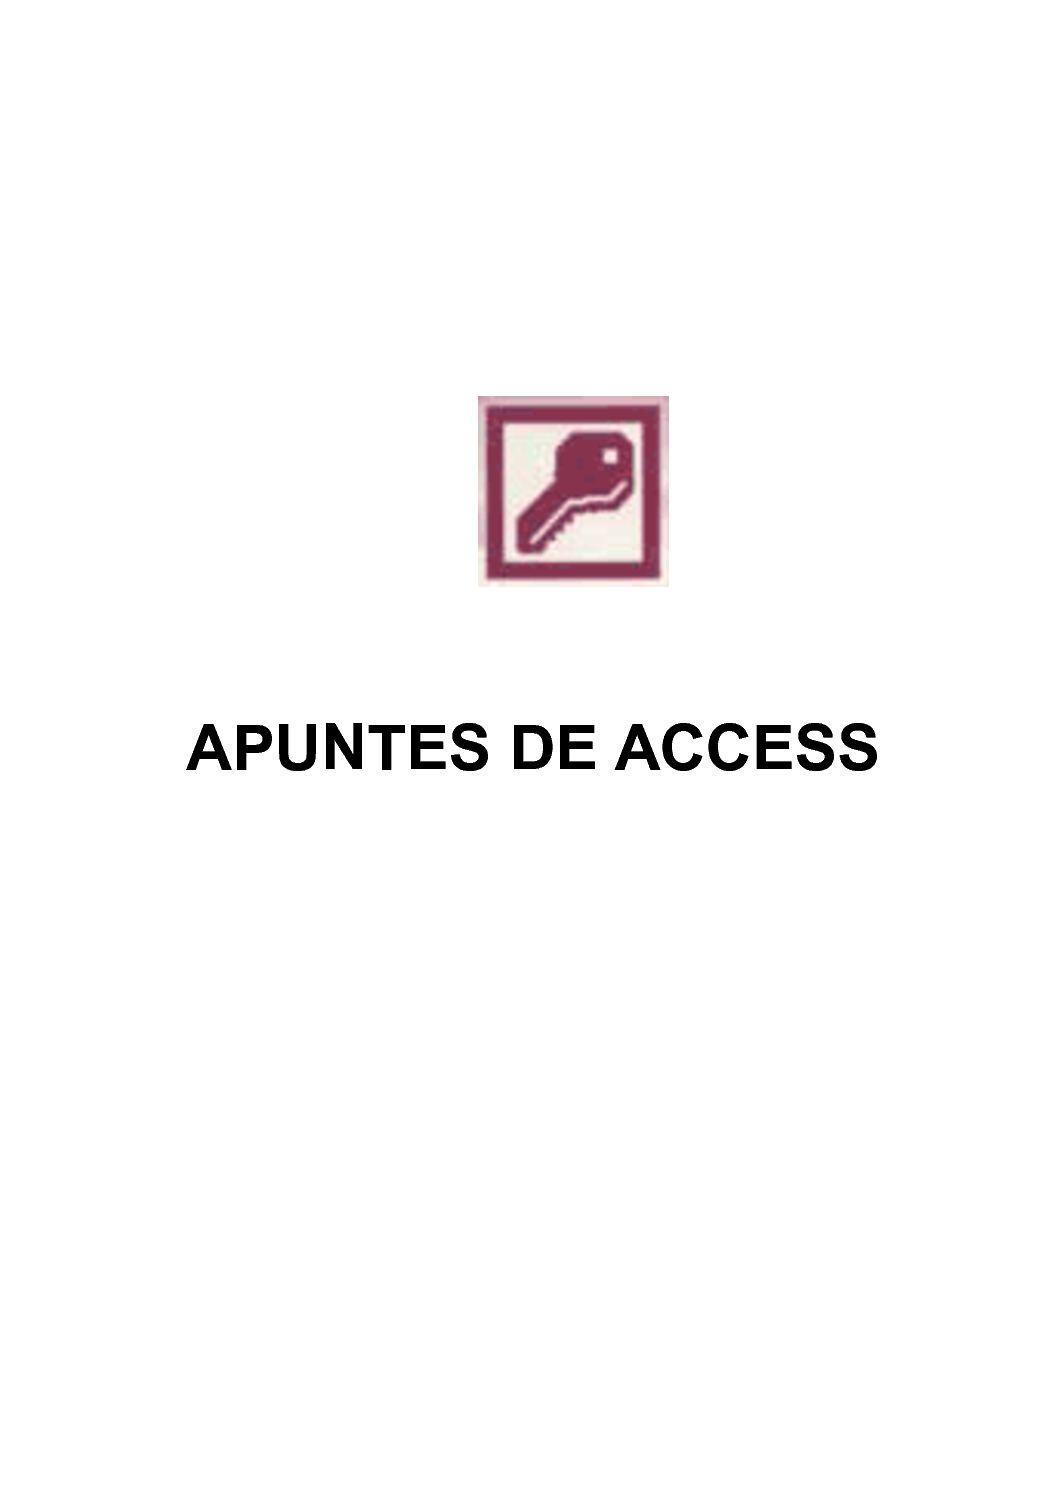 Apuntes de Access